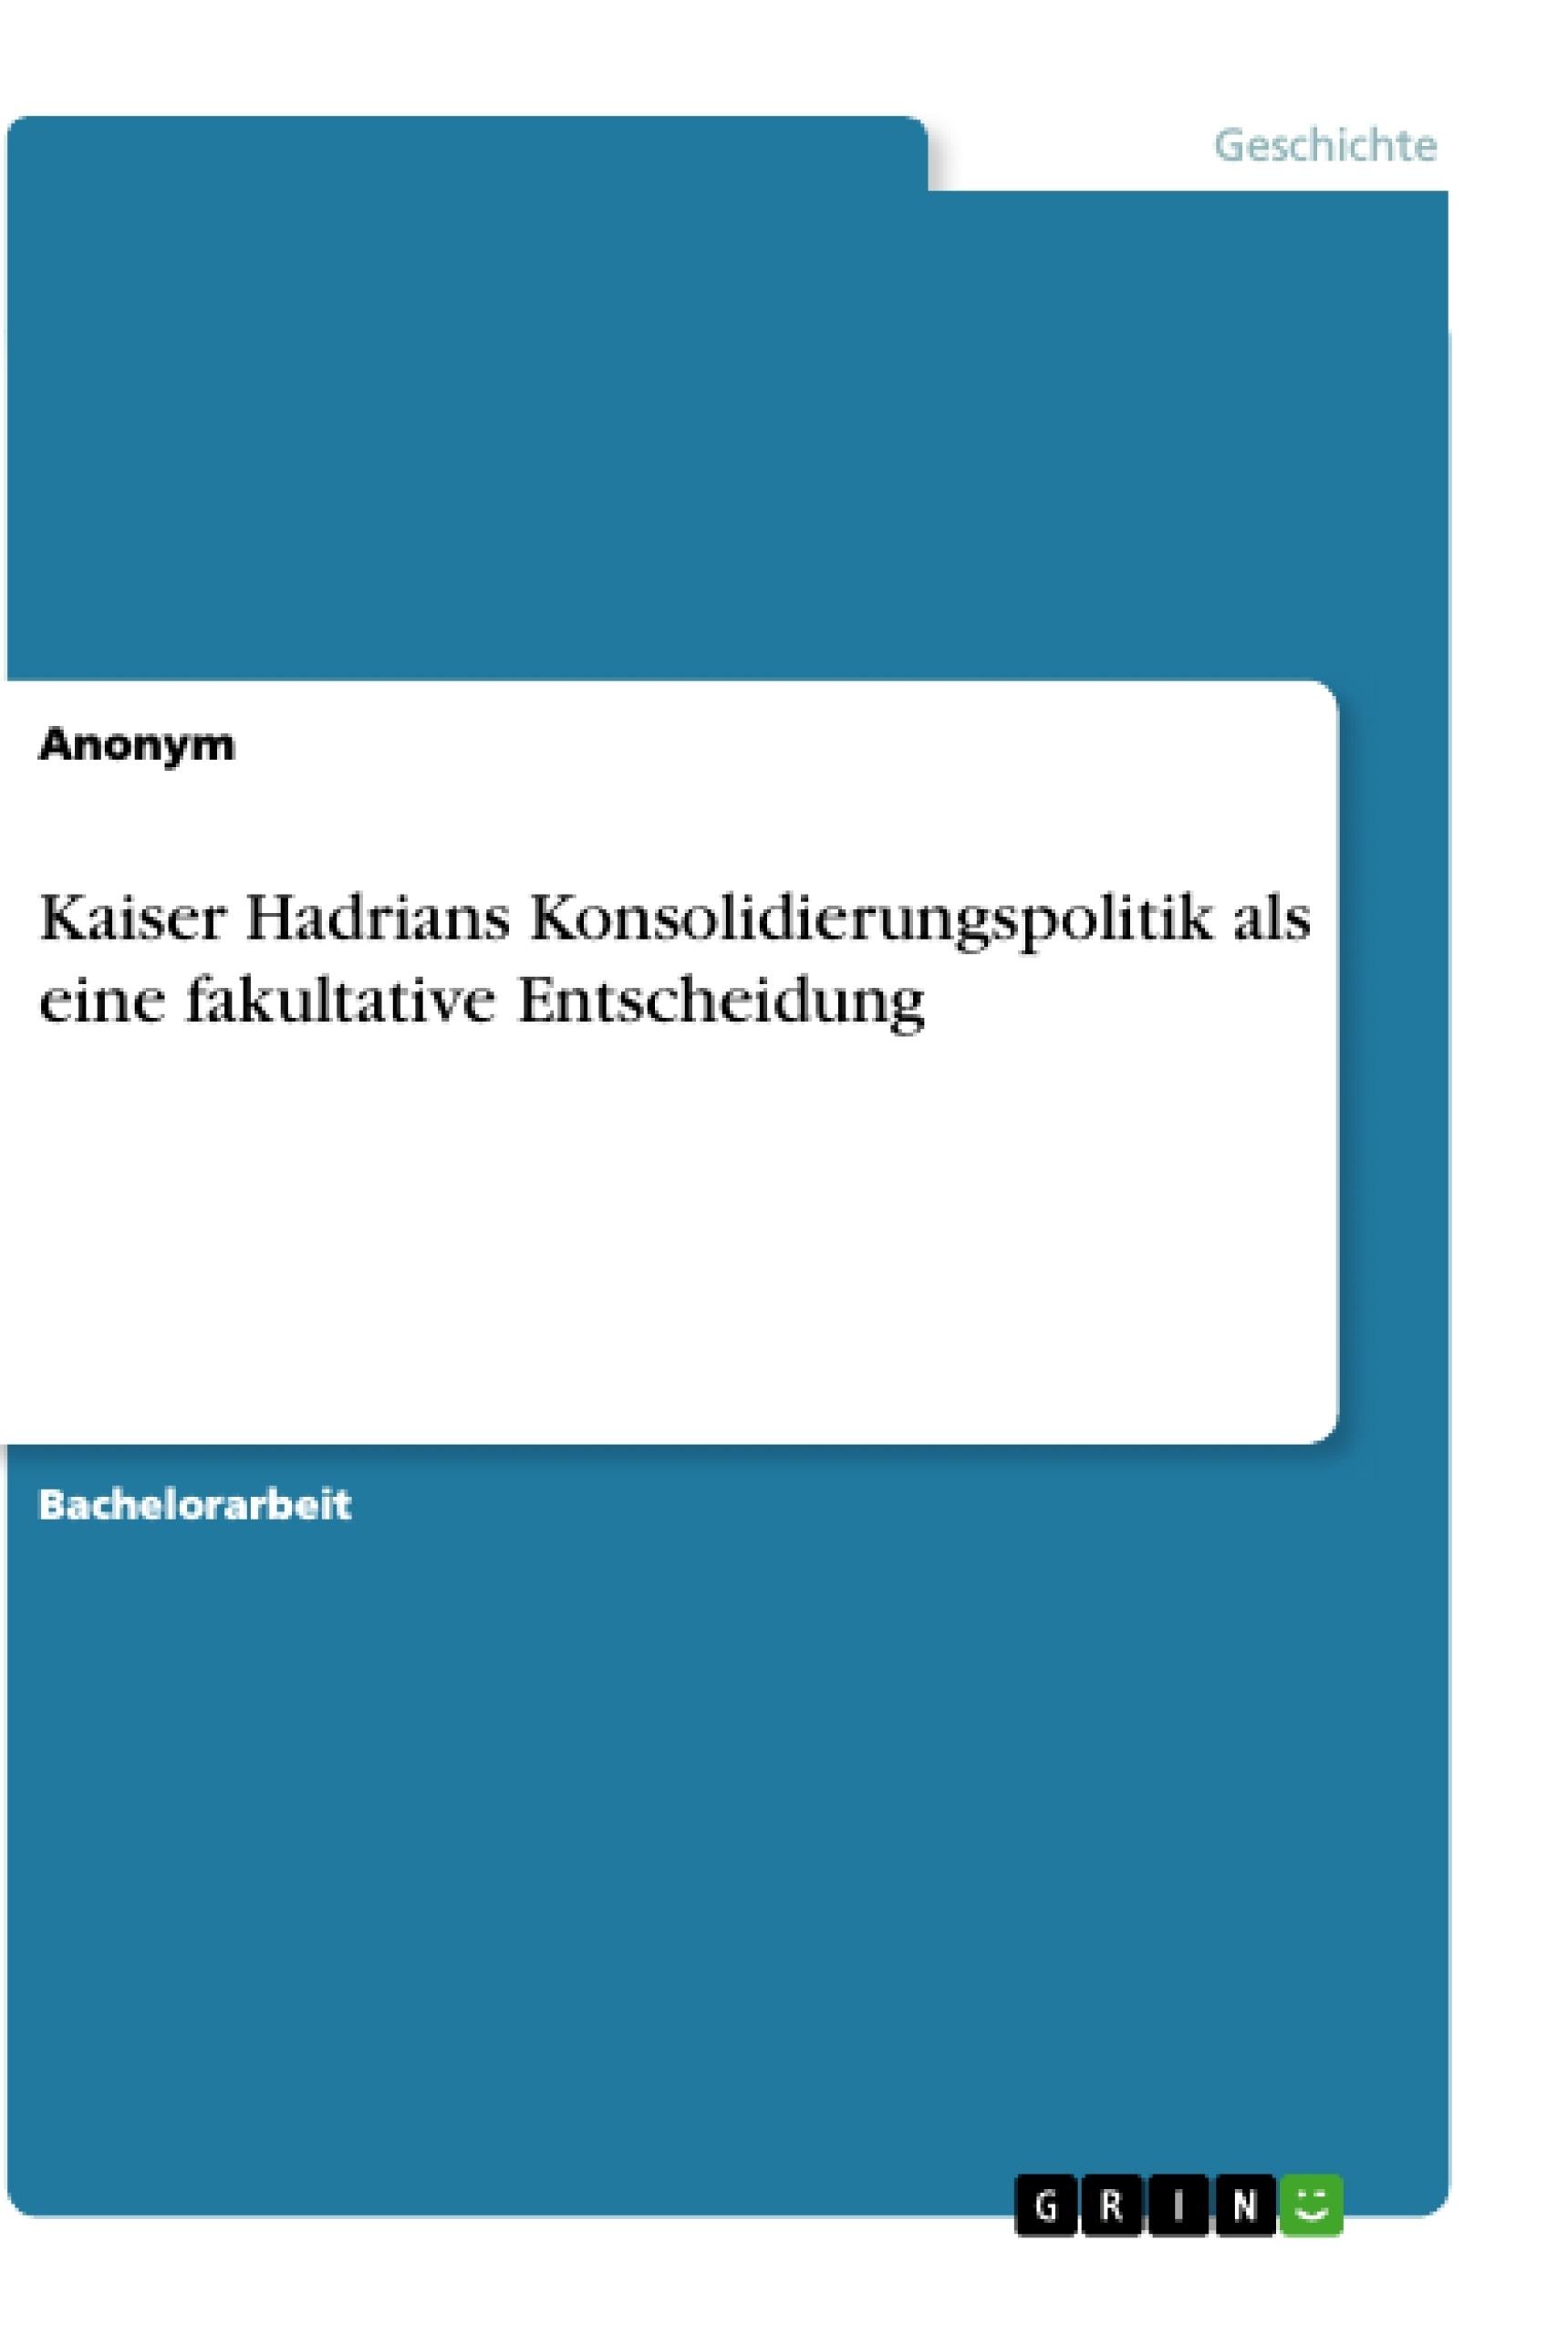 Titel: Kaiser Hadrians Konsolidierungspolitik als eine fakultative Entscheidung